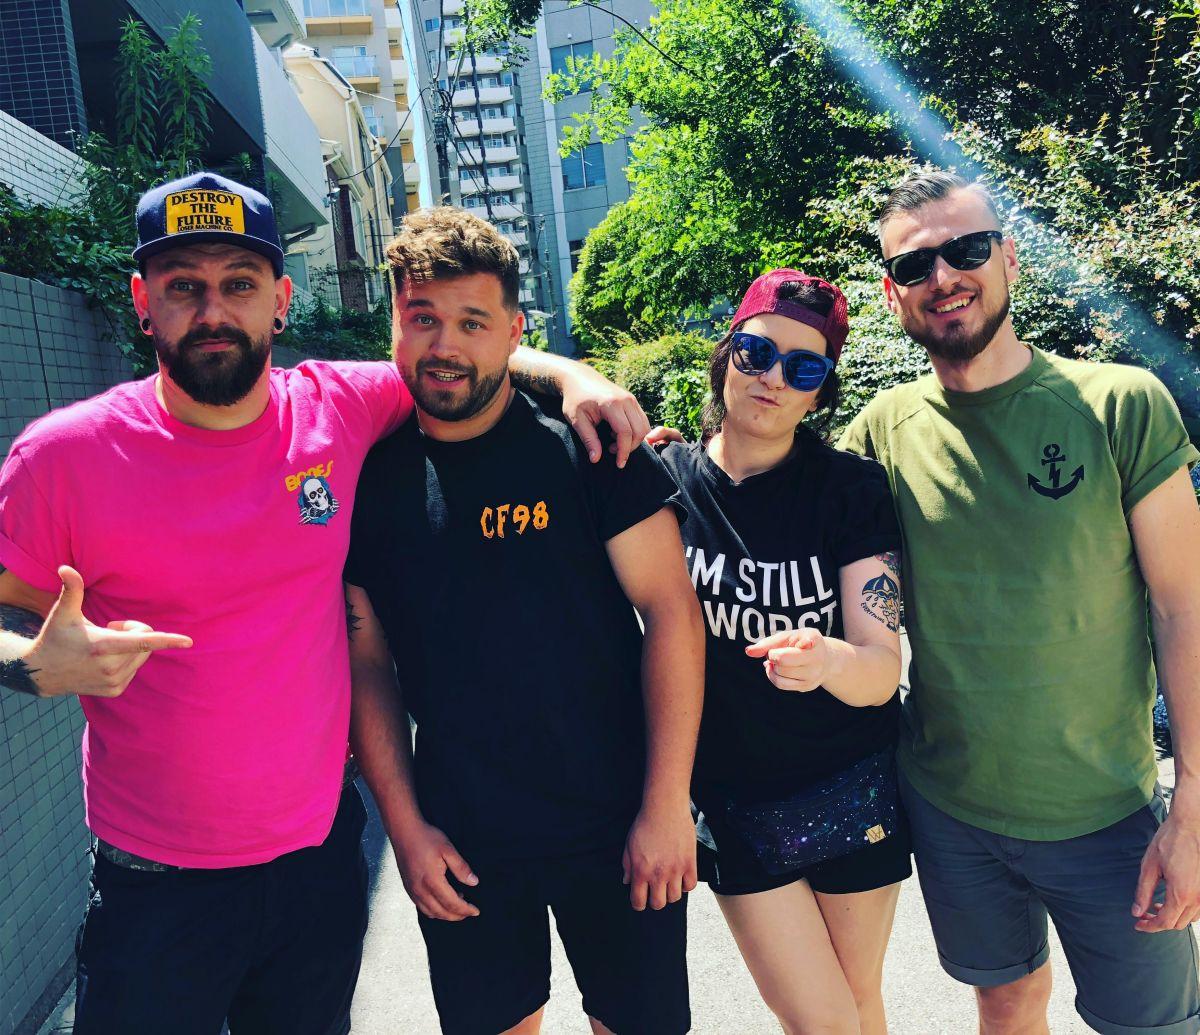 Punk Rock Tour Tales #6: Mateusz & Karolina fromCF98